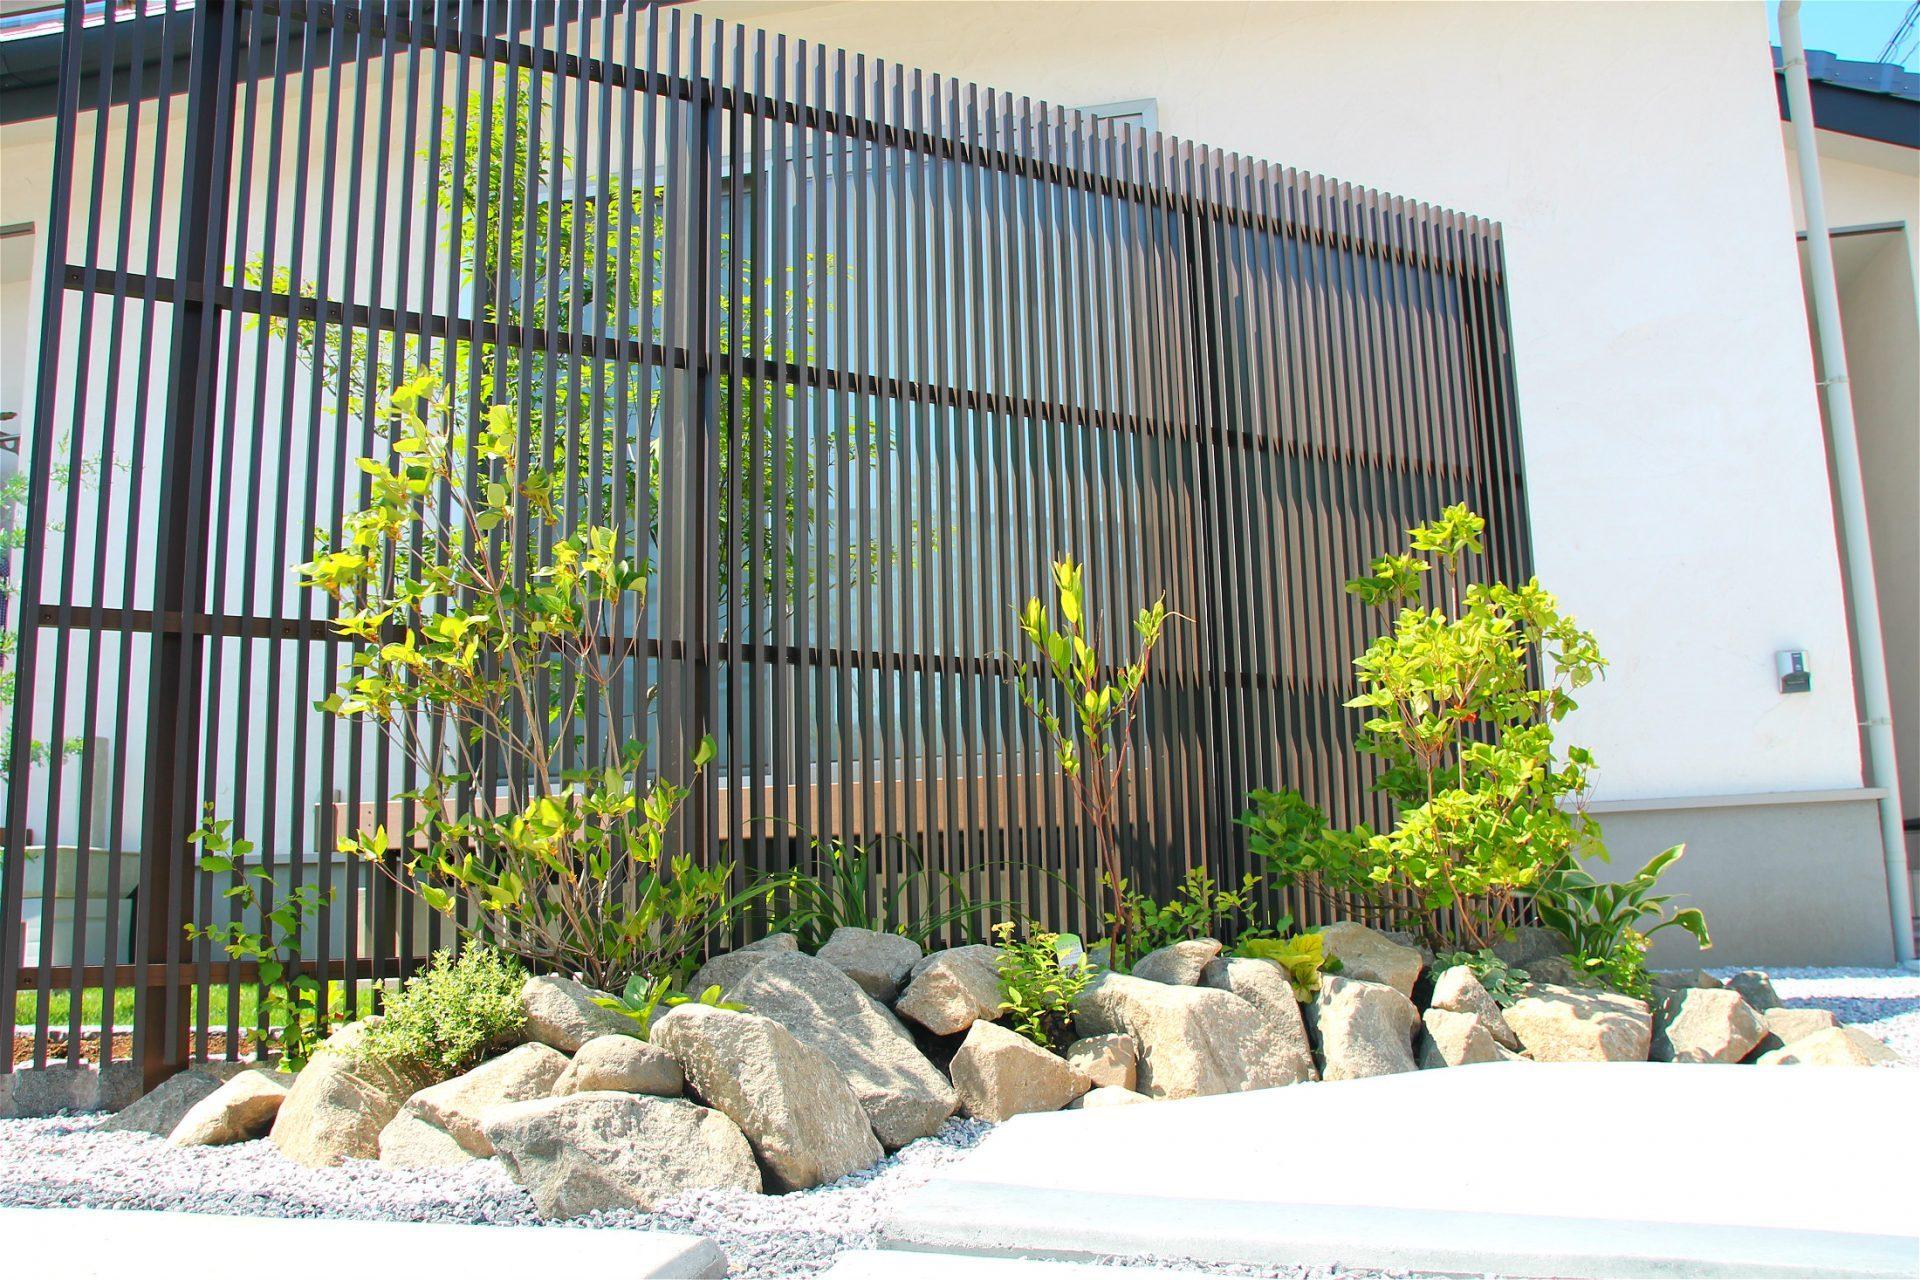 富岡市 エクステリア 外構 アプローチ 玄関周り 駐車場 カーポート 植え込み 植栽 石貼り フェンス ナチュラル 落ち着いた 土間コンクリート モダン 和風